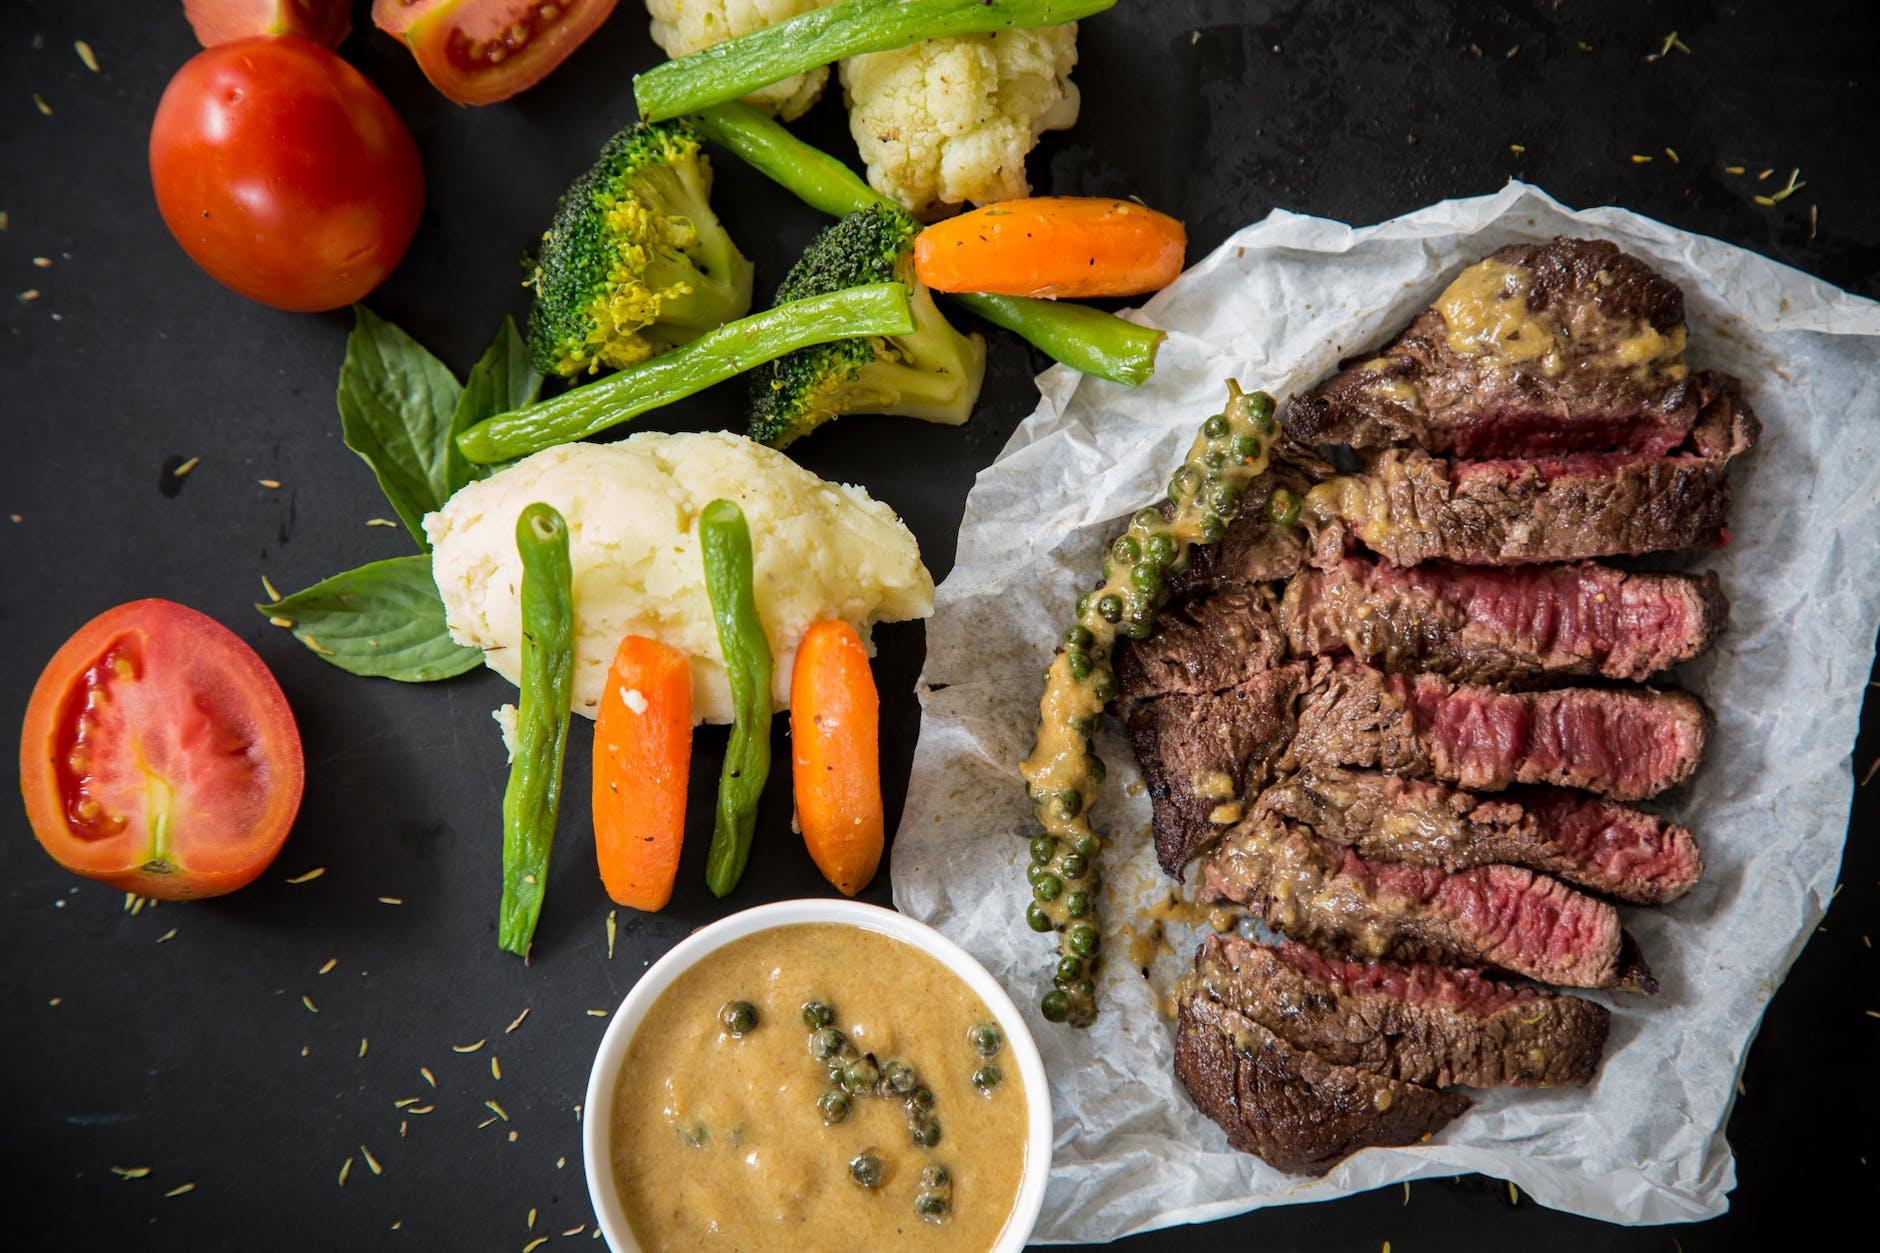 cara menaikkan berat badan makan protein